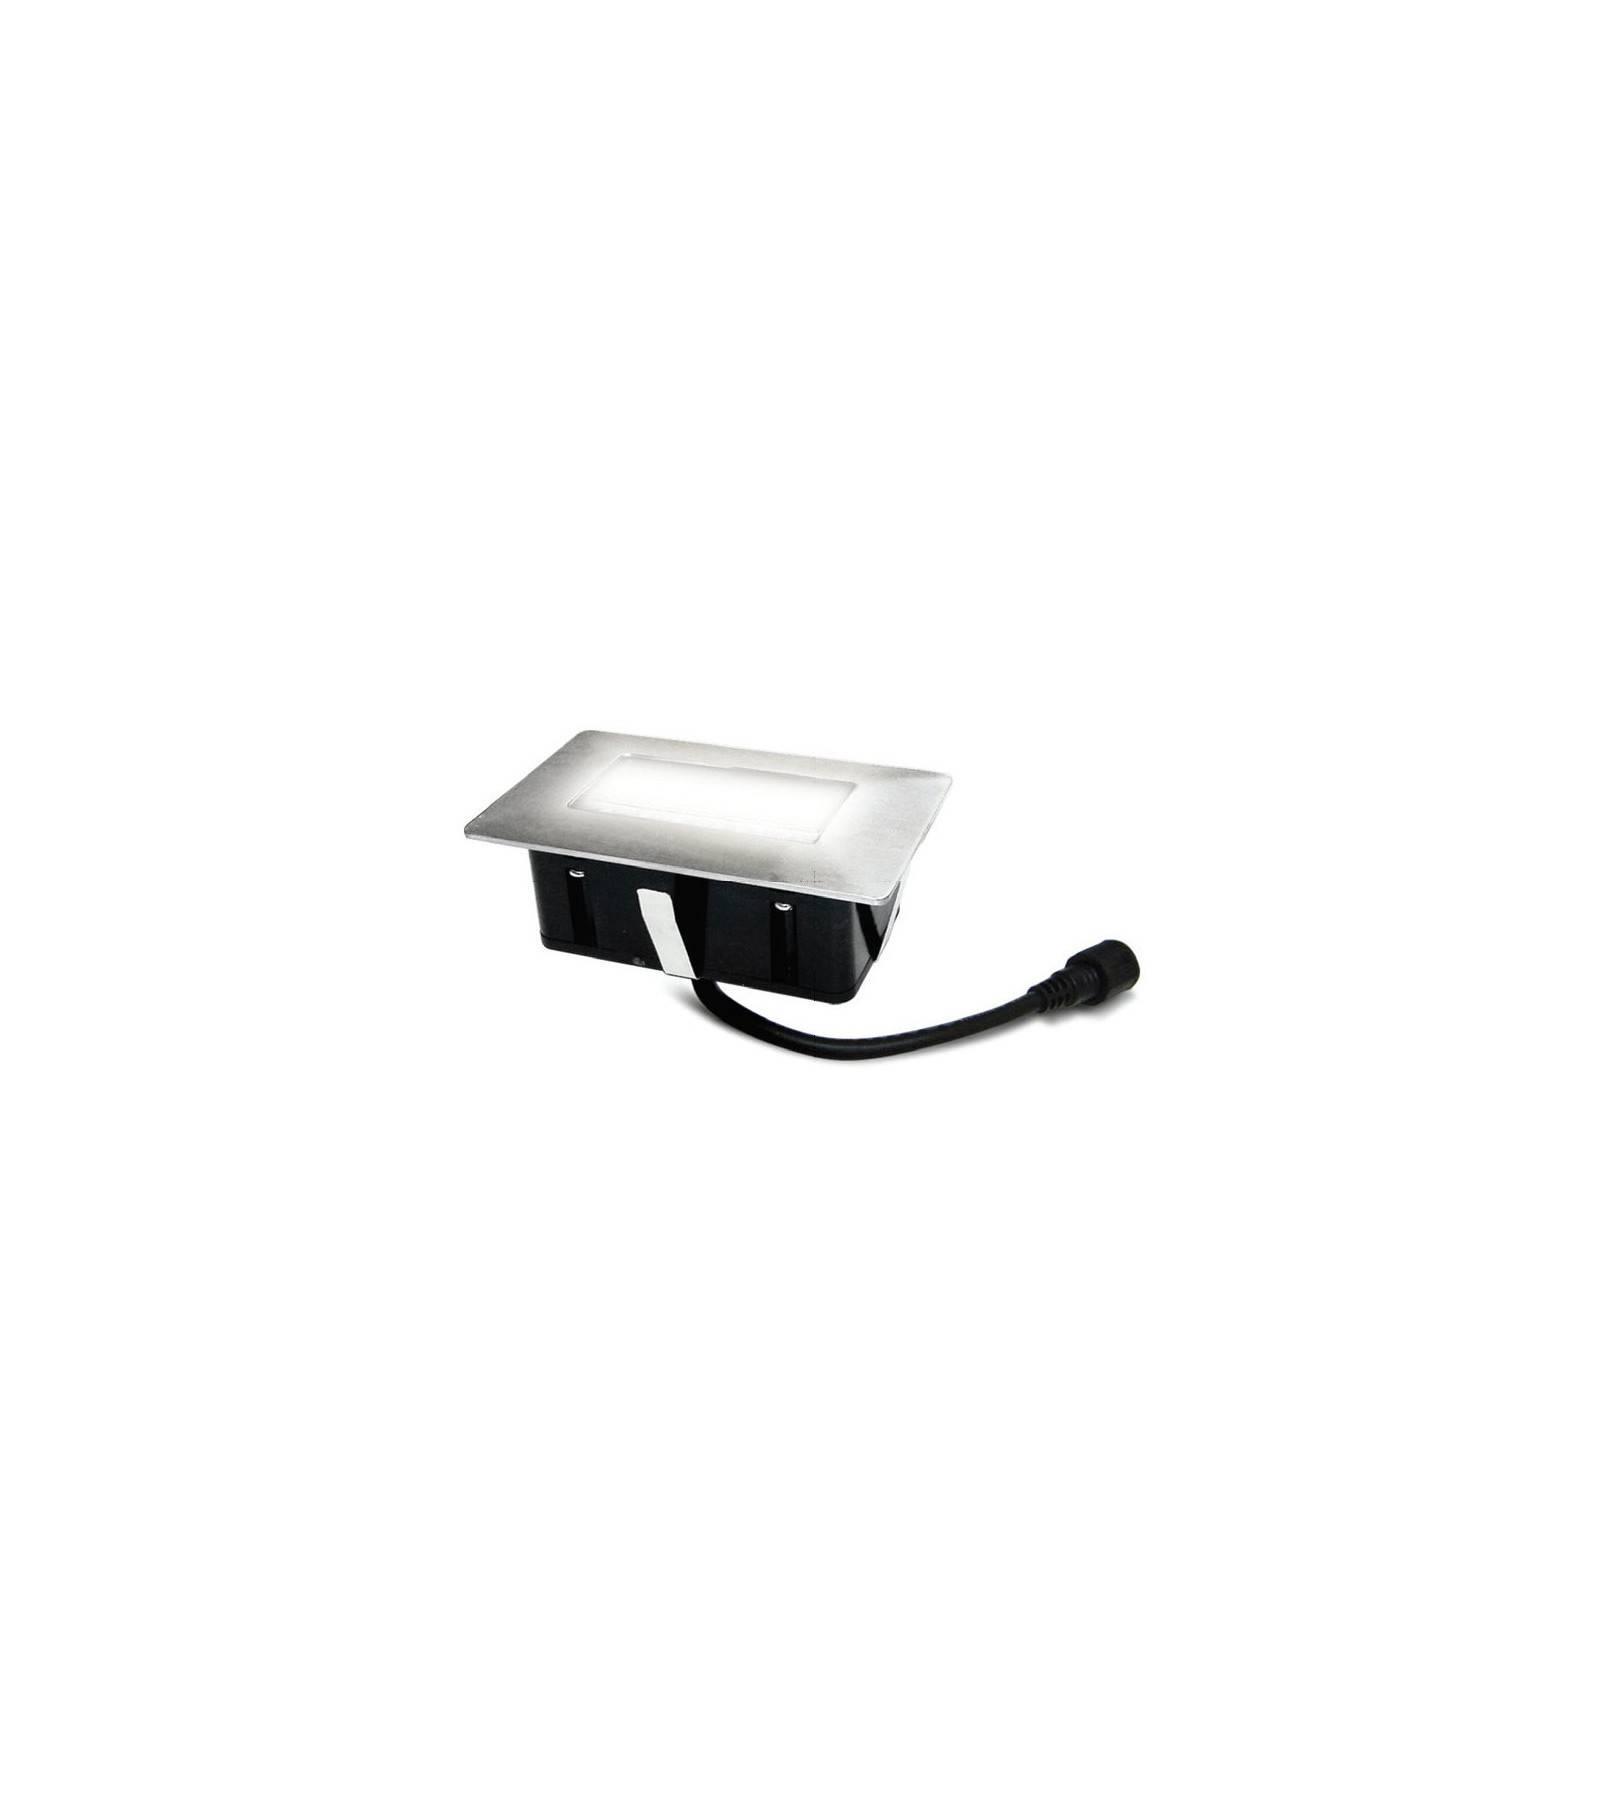 Easy Connect Mini Spot encastrable rectangle 6x10cm Inox Mini DECK Light 2W LED integrés IP67 Blanc Froid extérieur EASY CONNECT - 65440